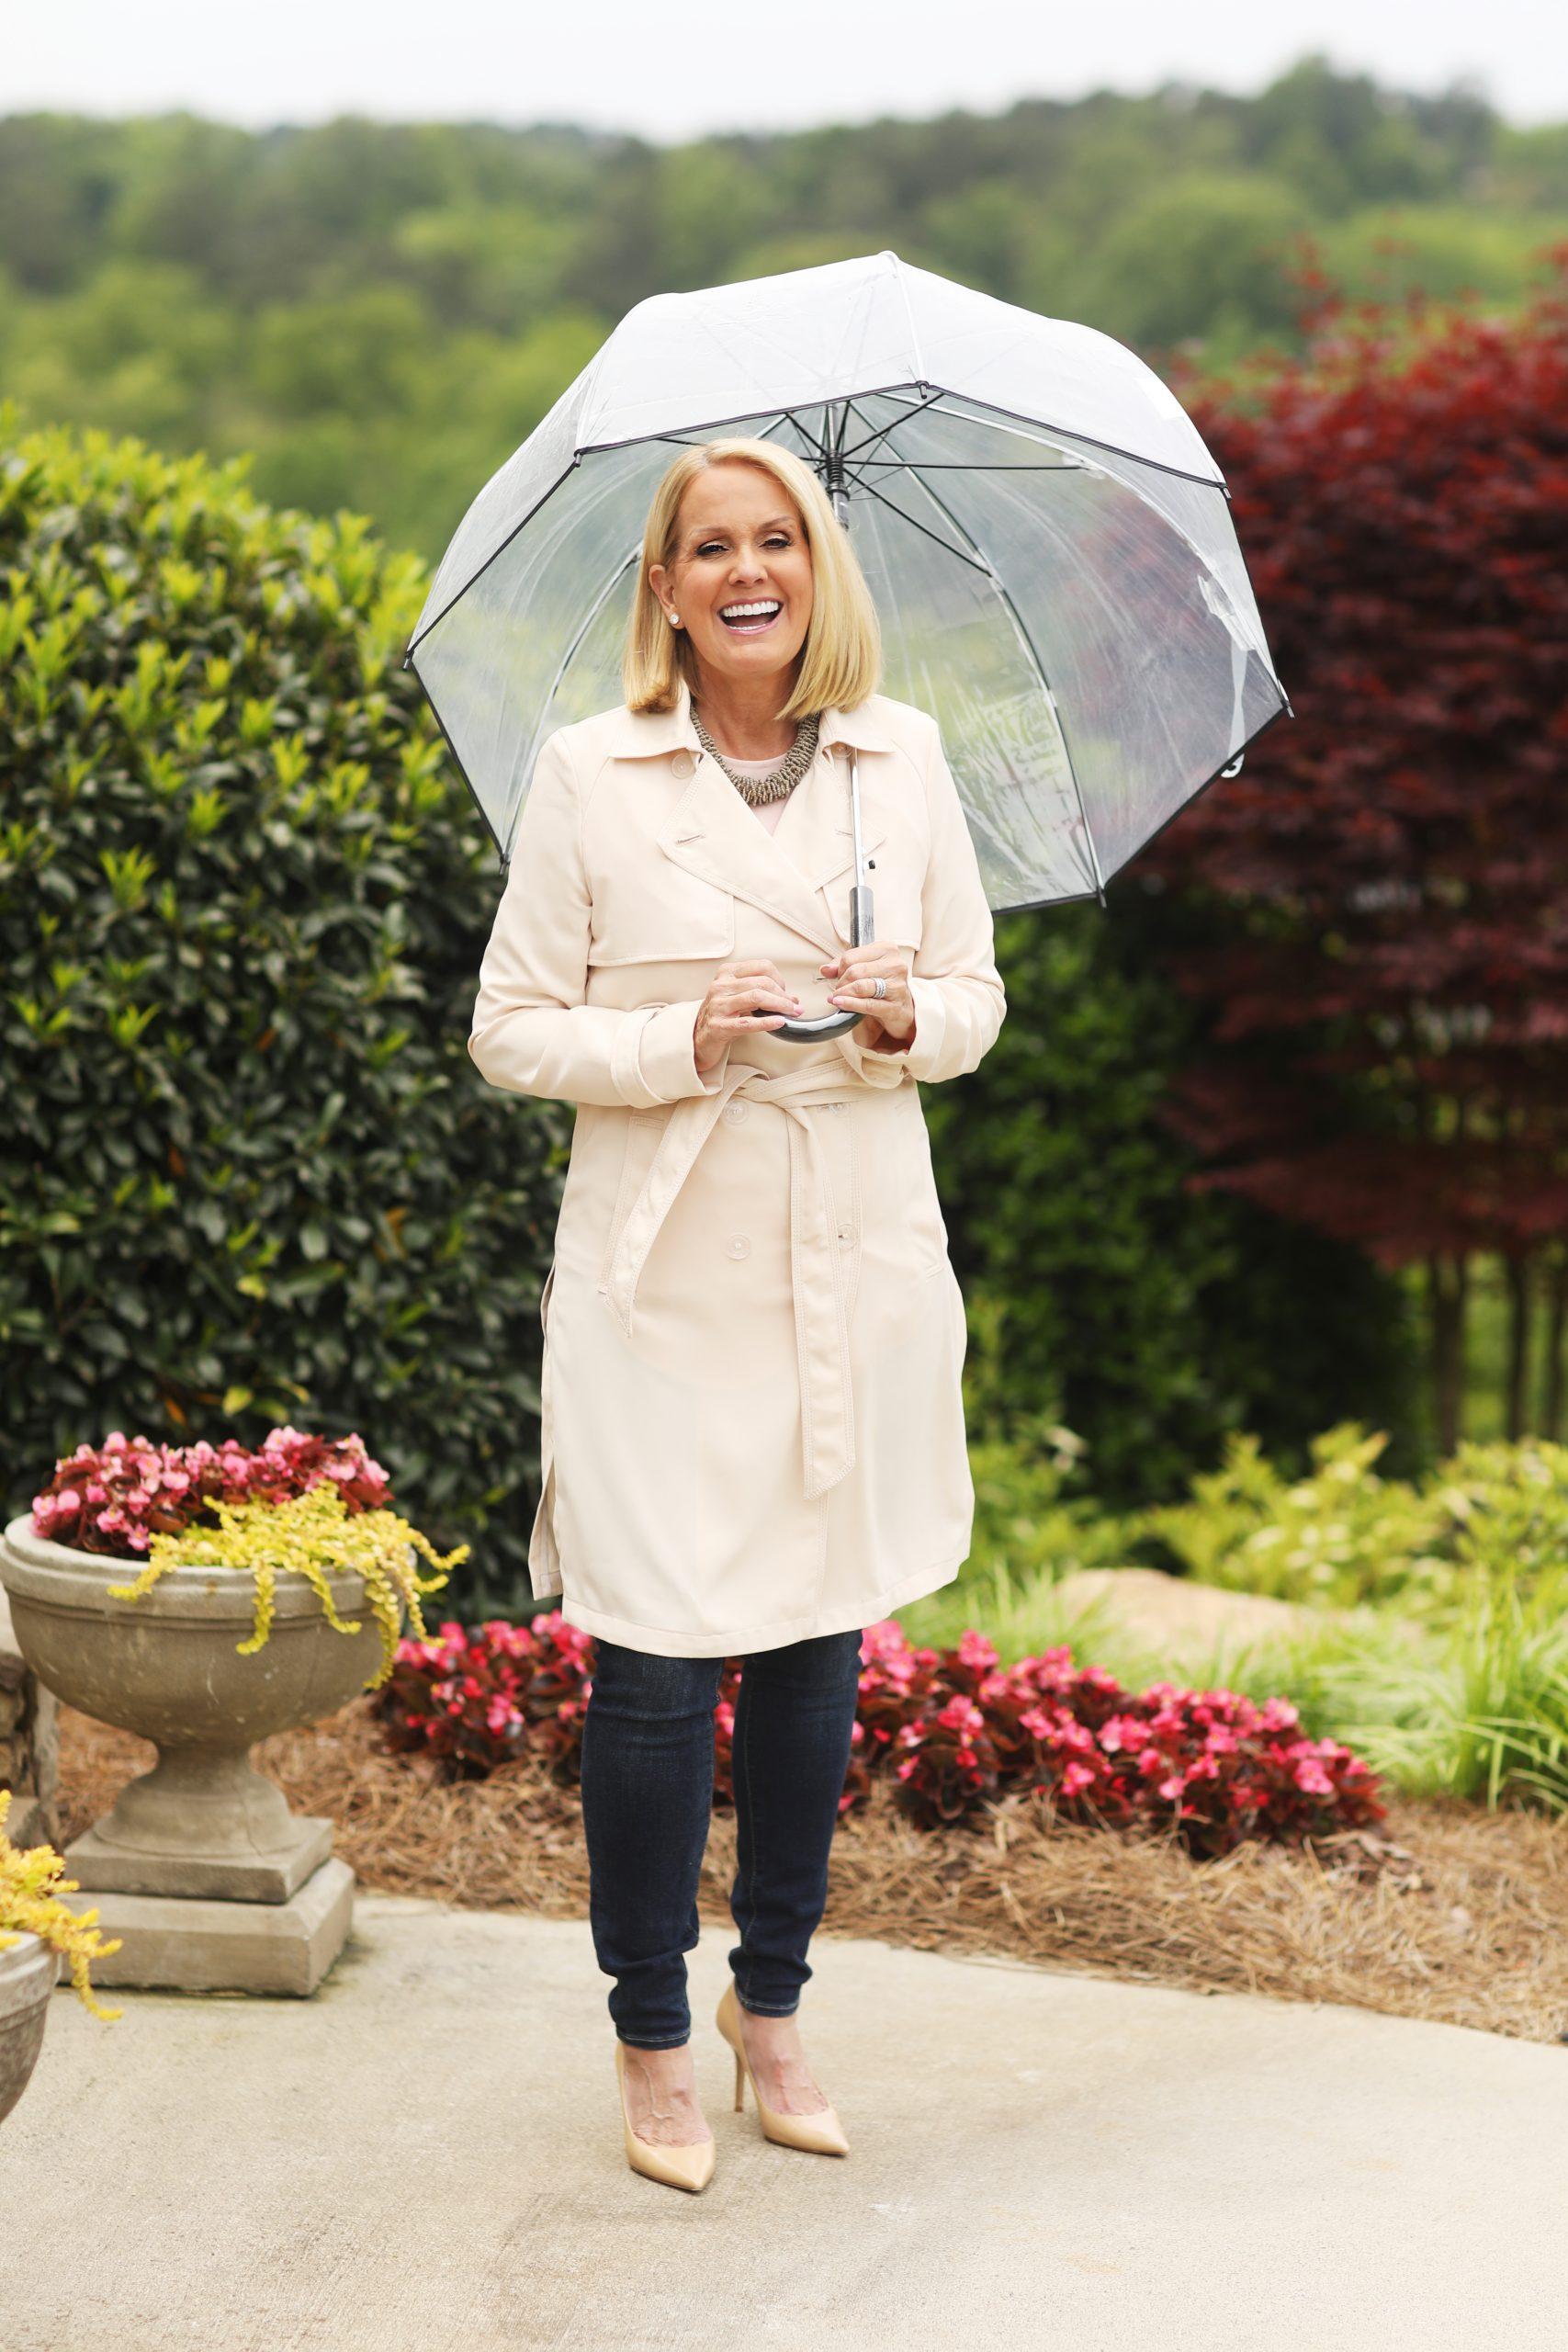 Lori Allen wears a trench coat in the rain